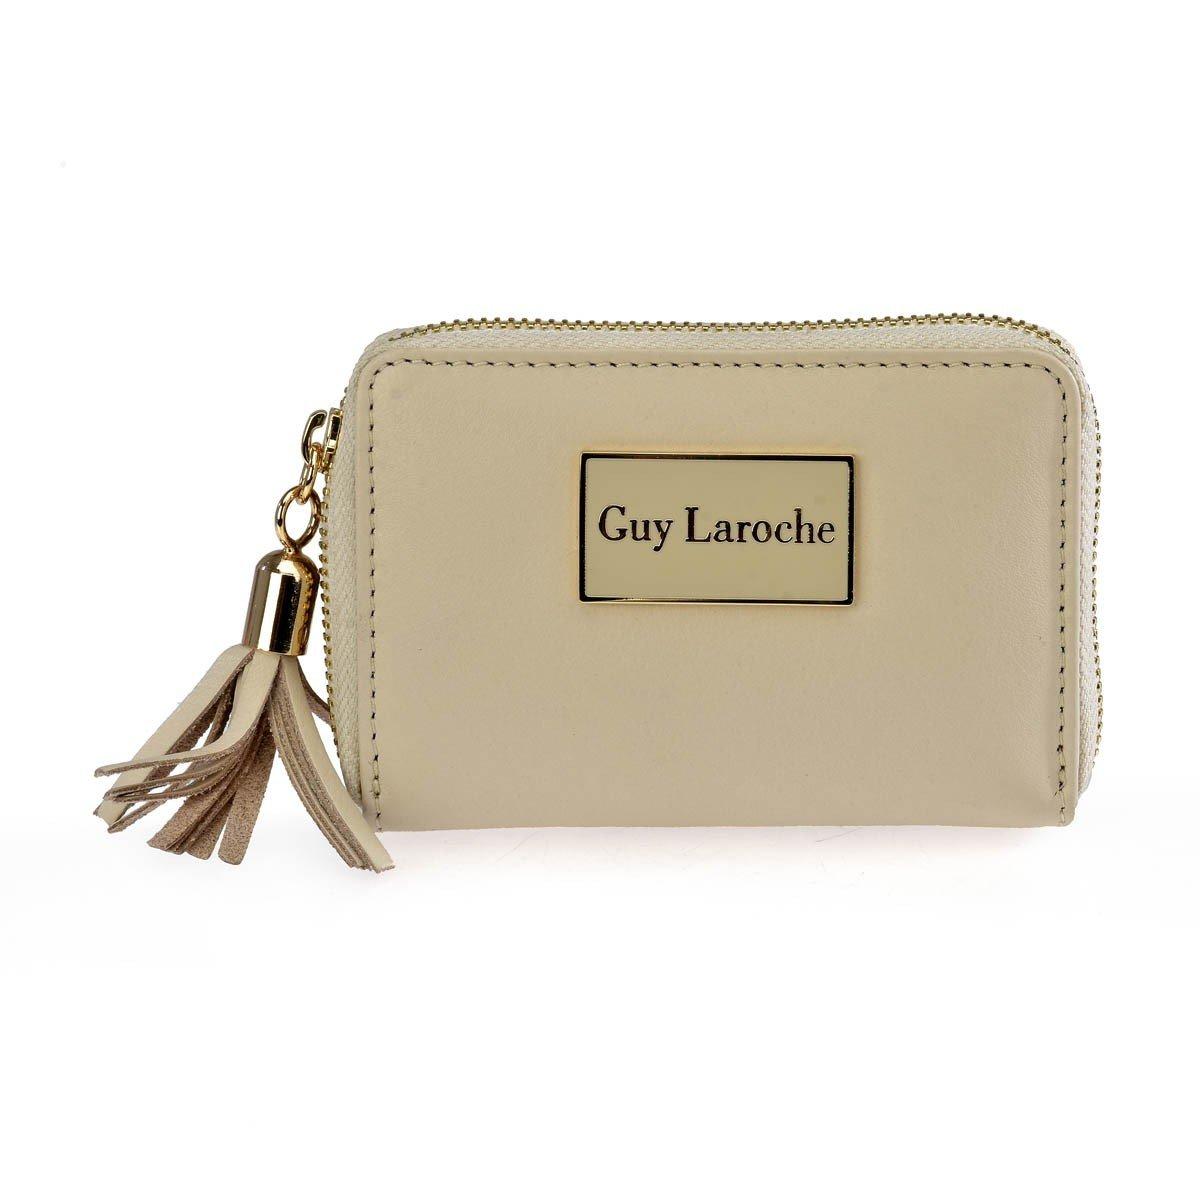 Guy Laroche Monedero con cremallera de mujer 6753 (Color: Amarillo): Amazon.es: Zapatos y complementos